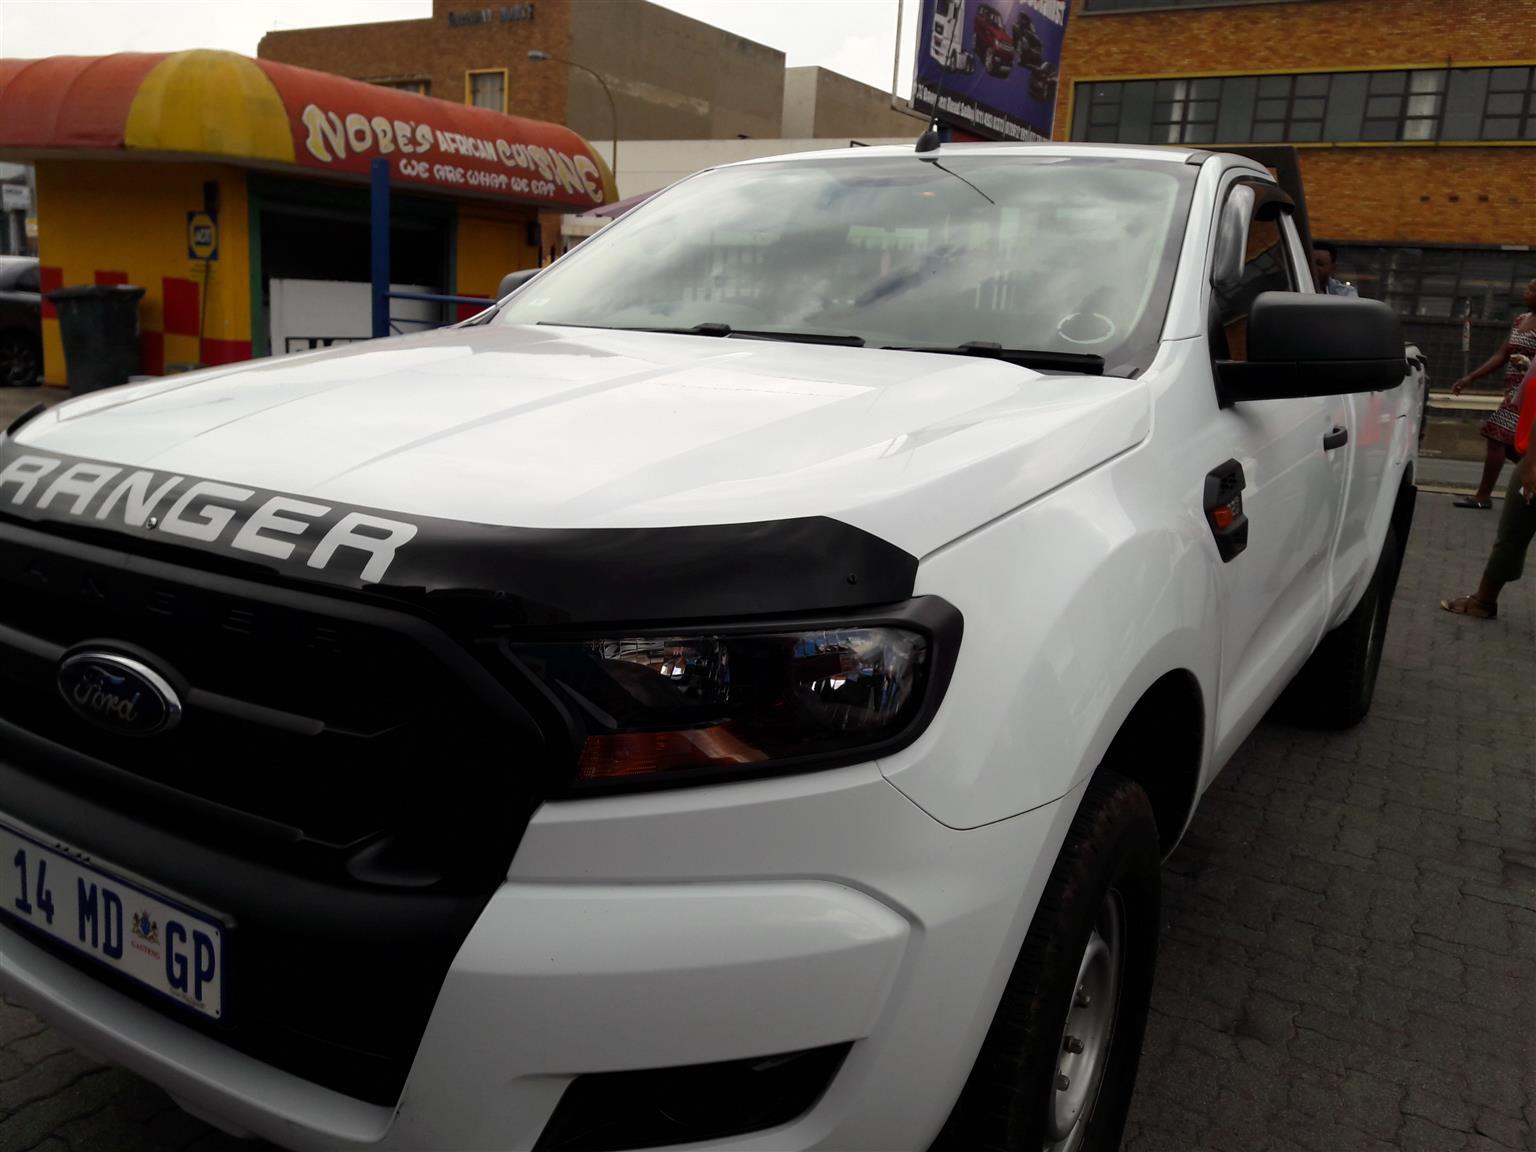 2016 Ford Ranger 2.2 Hi Rider XL